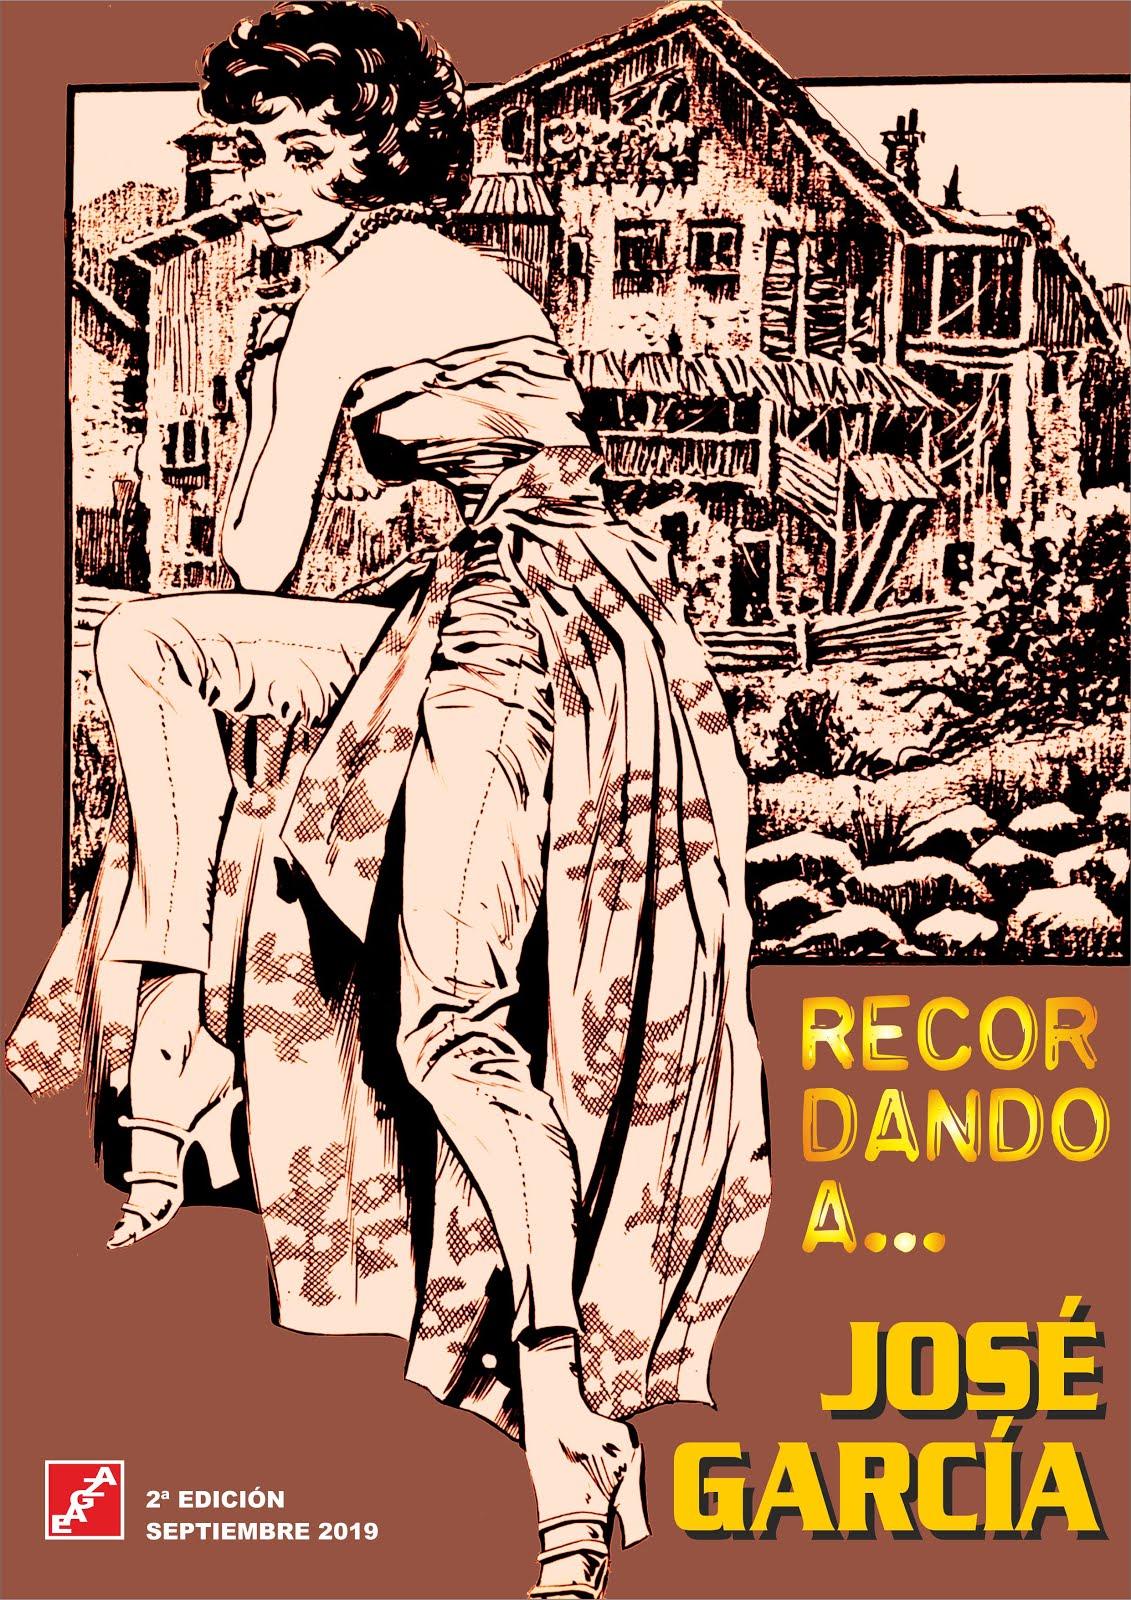 Recordando a... José García 2ª Edición - EAGZA